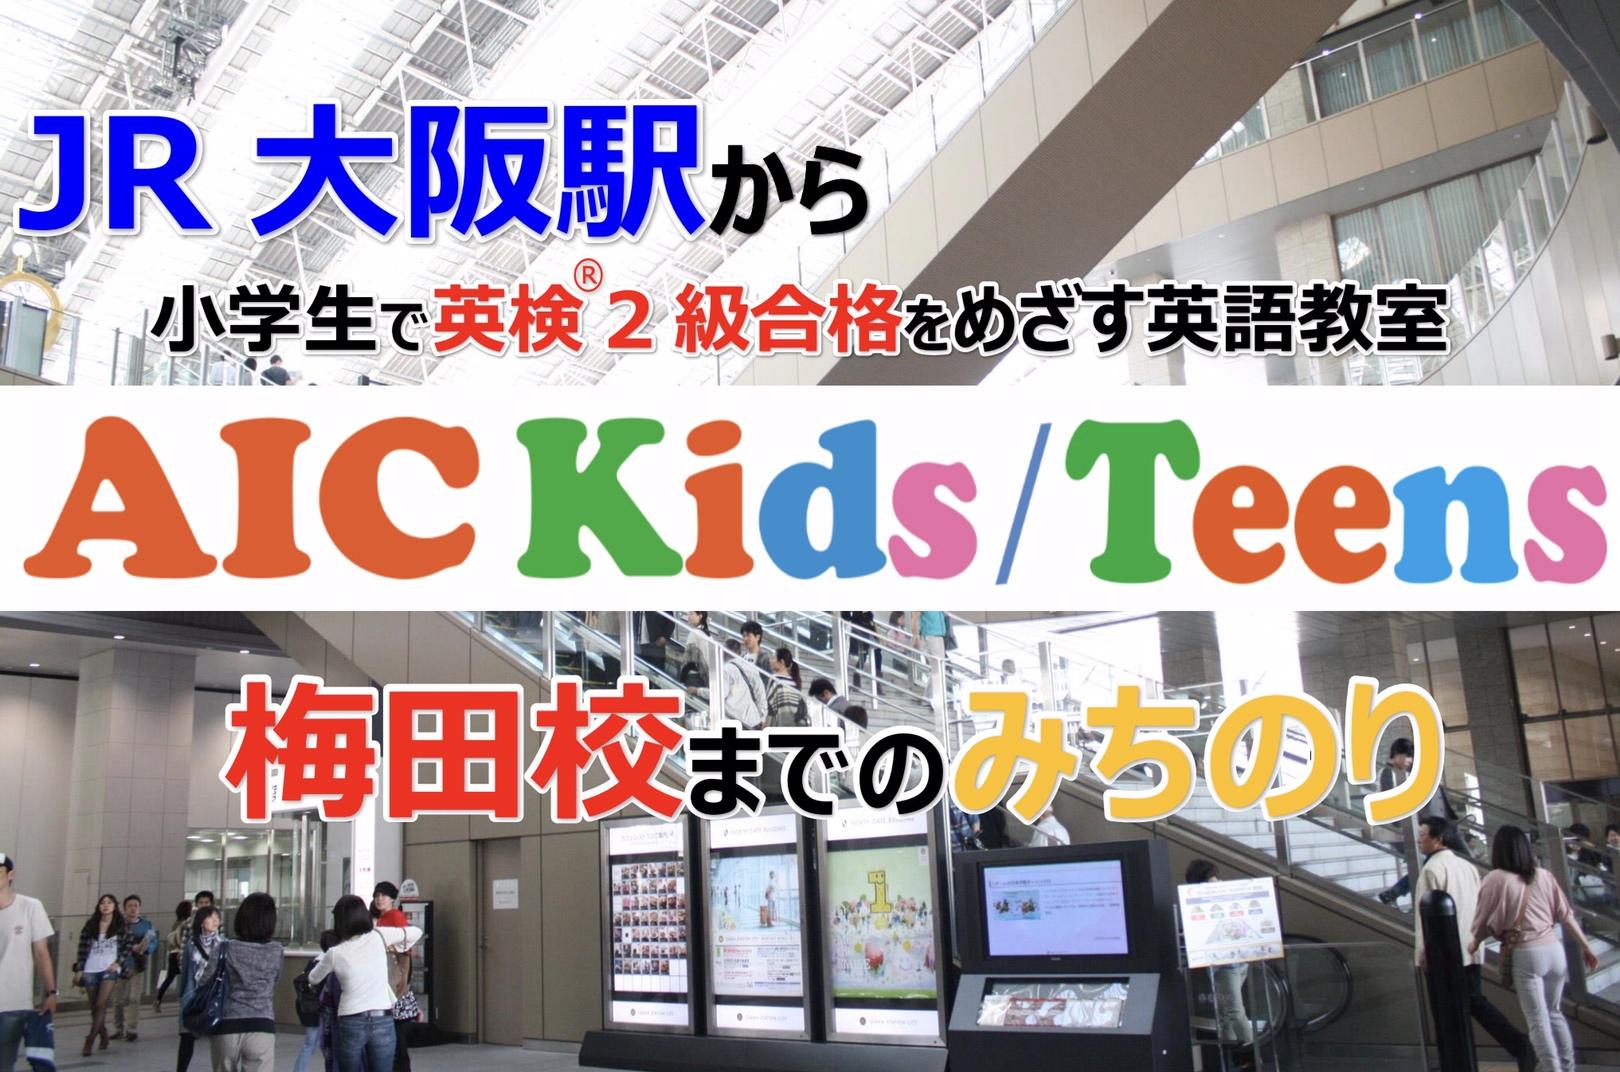 JR大阪駅からAICKids/Teens...